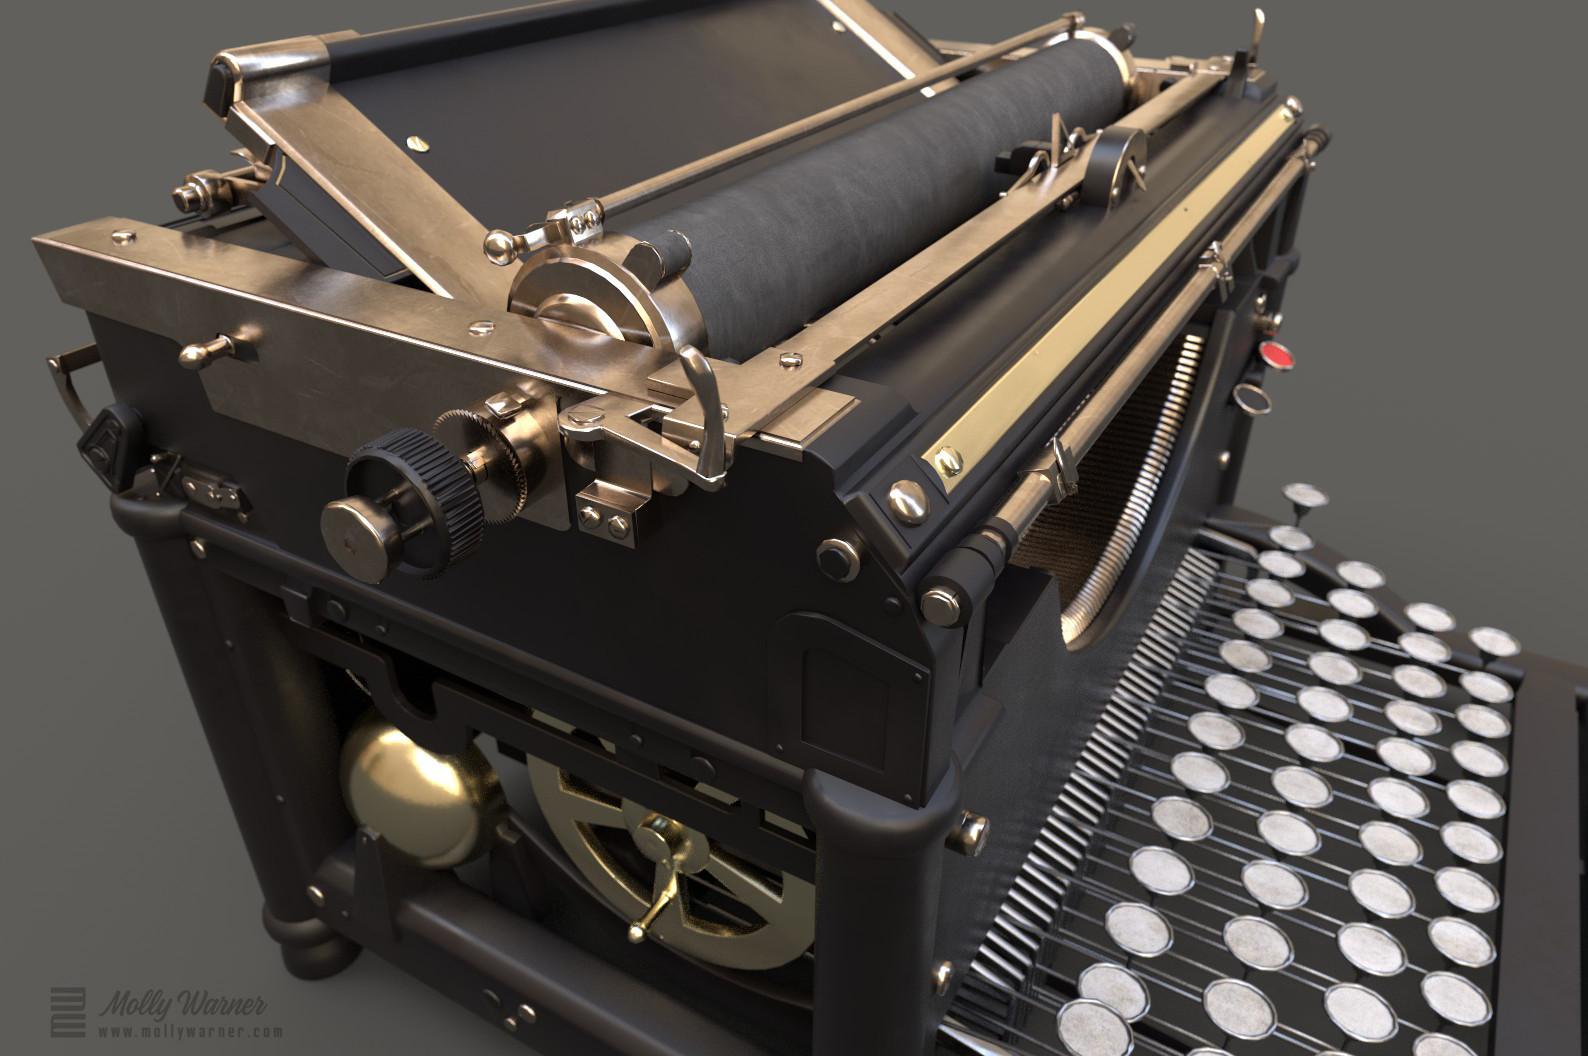 Molly warner iray render typewriter detail 2 final